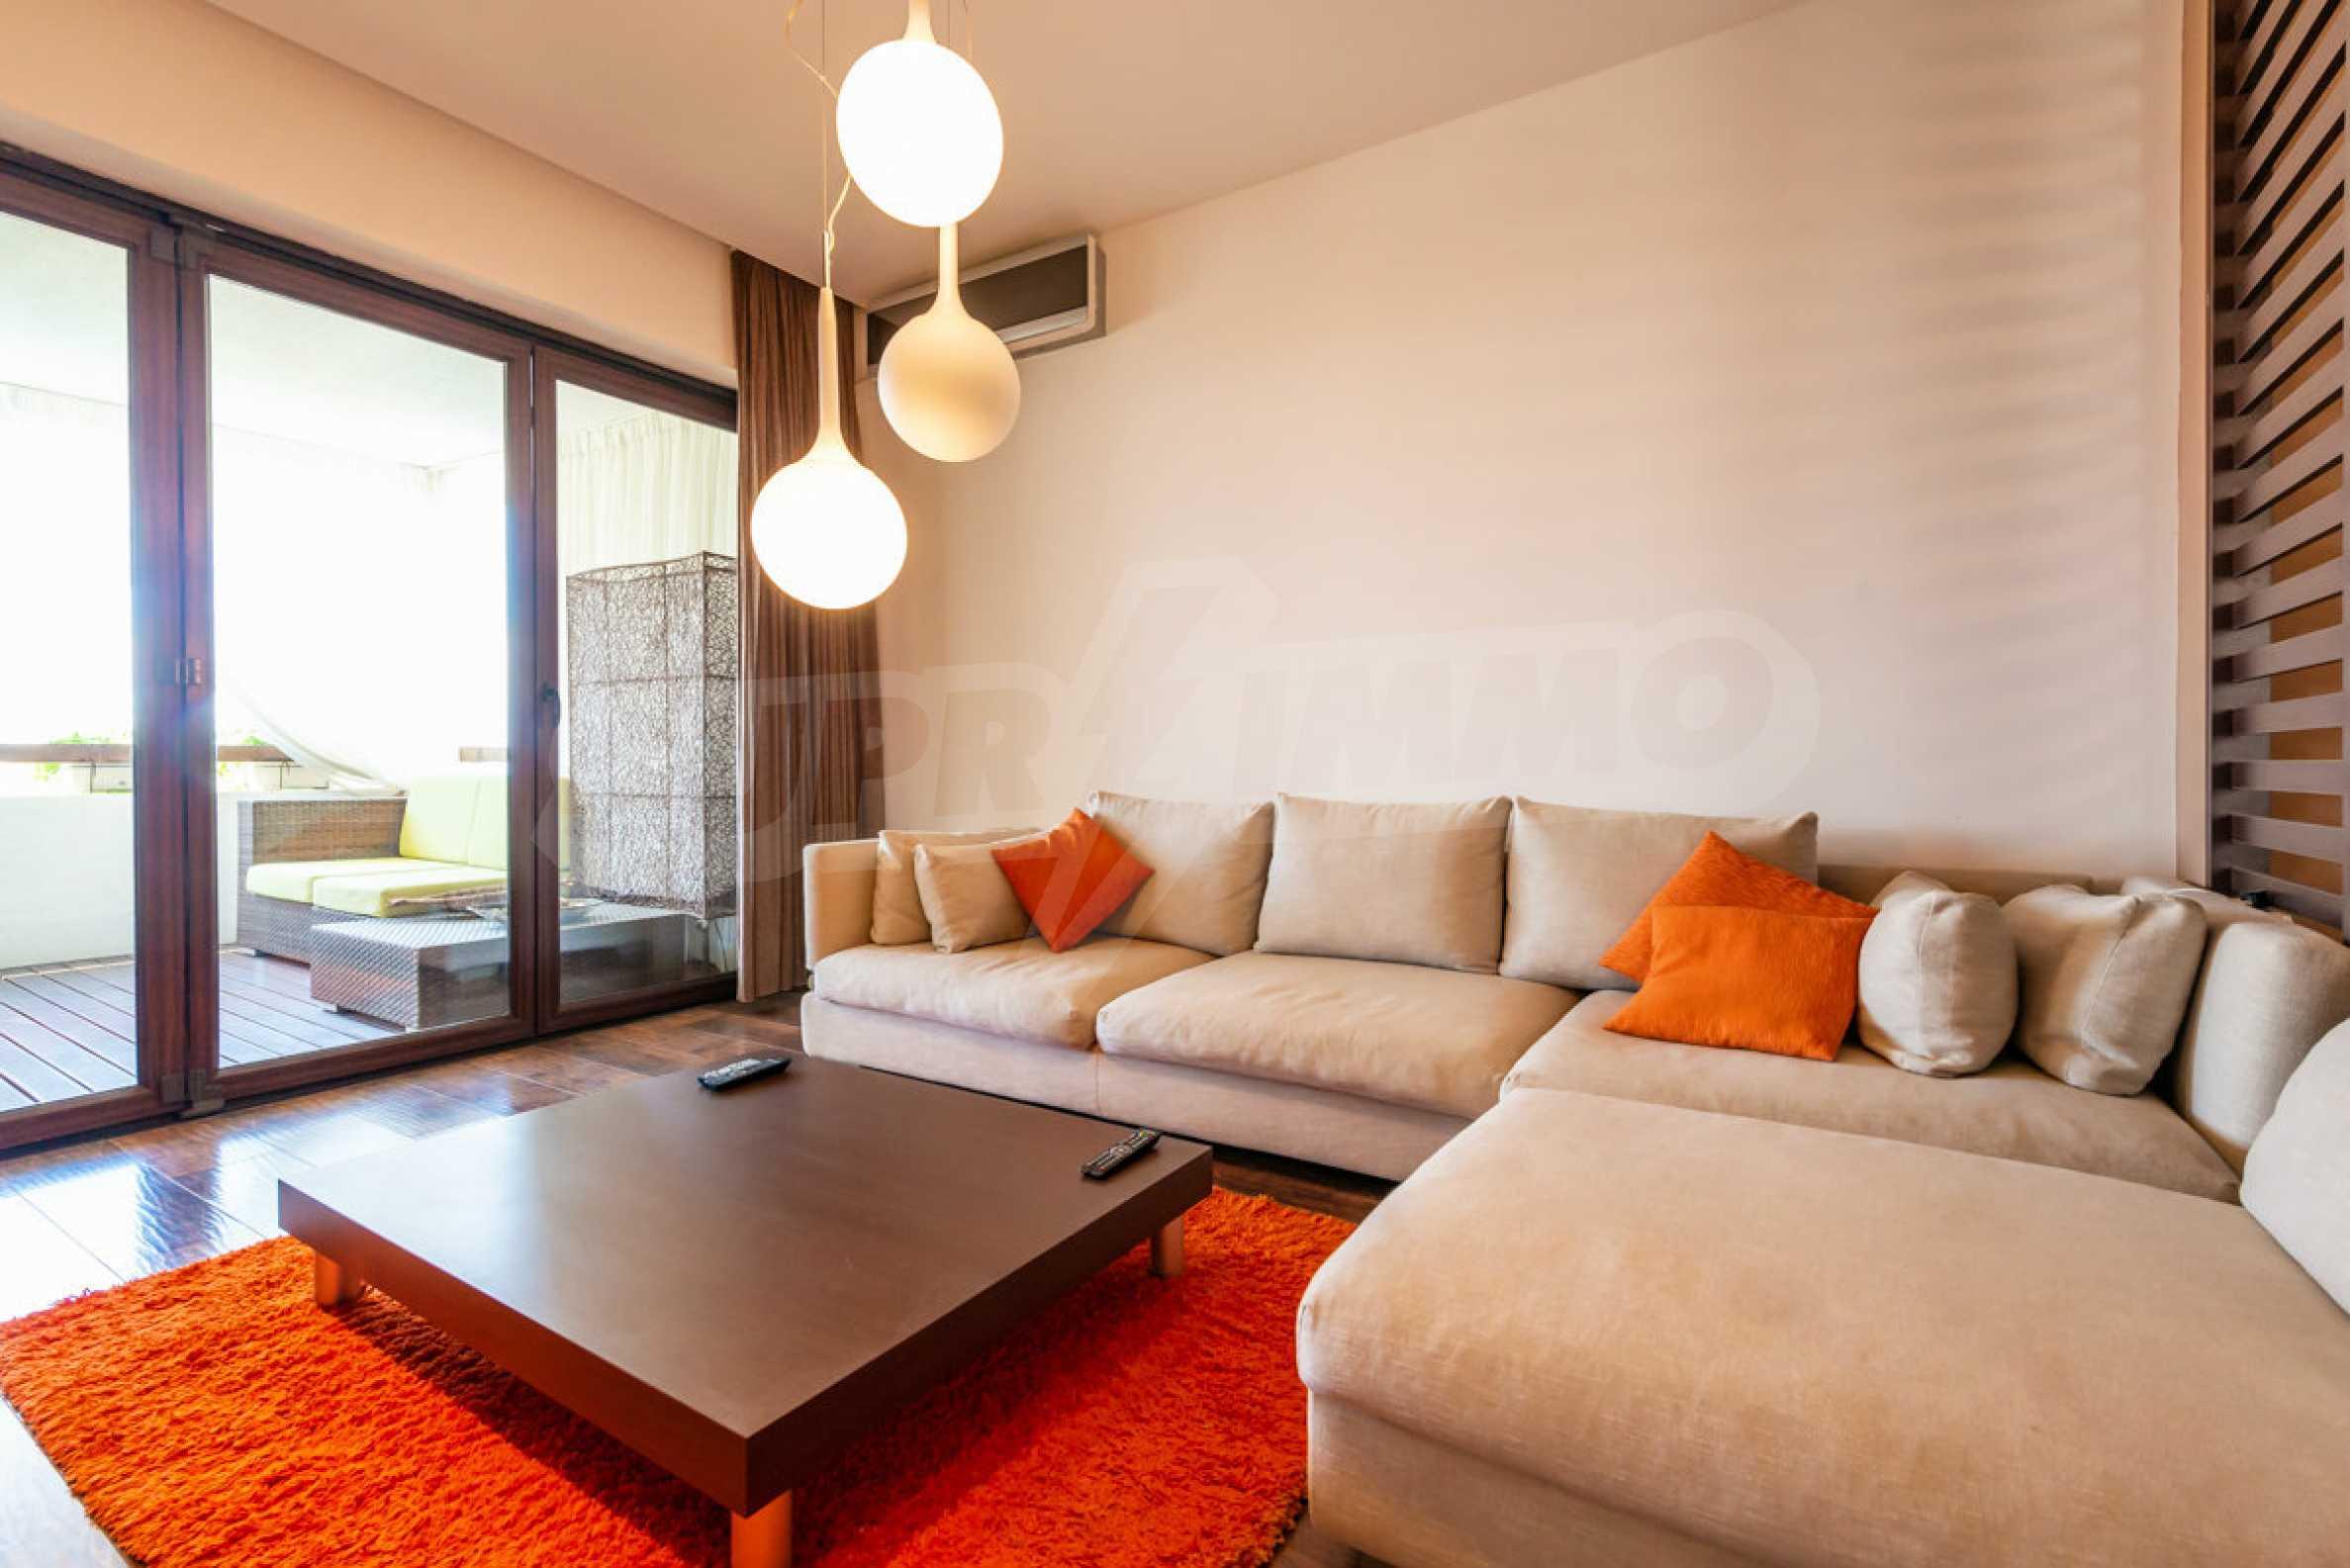 Luxus-Apartment mit einem Schlafzimmer mit spektakulärem Meerblick 3